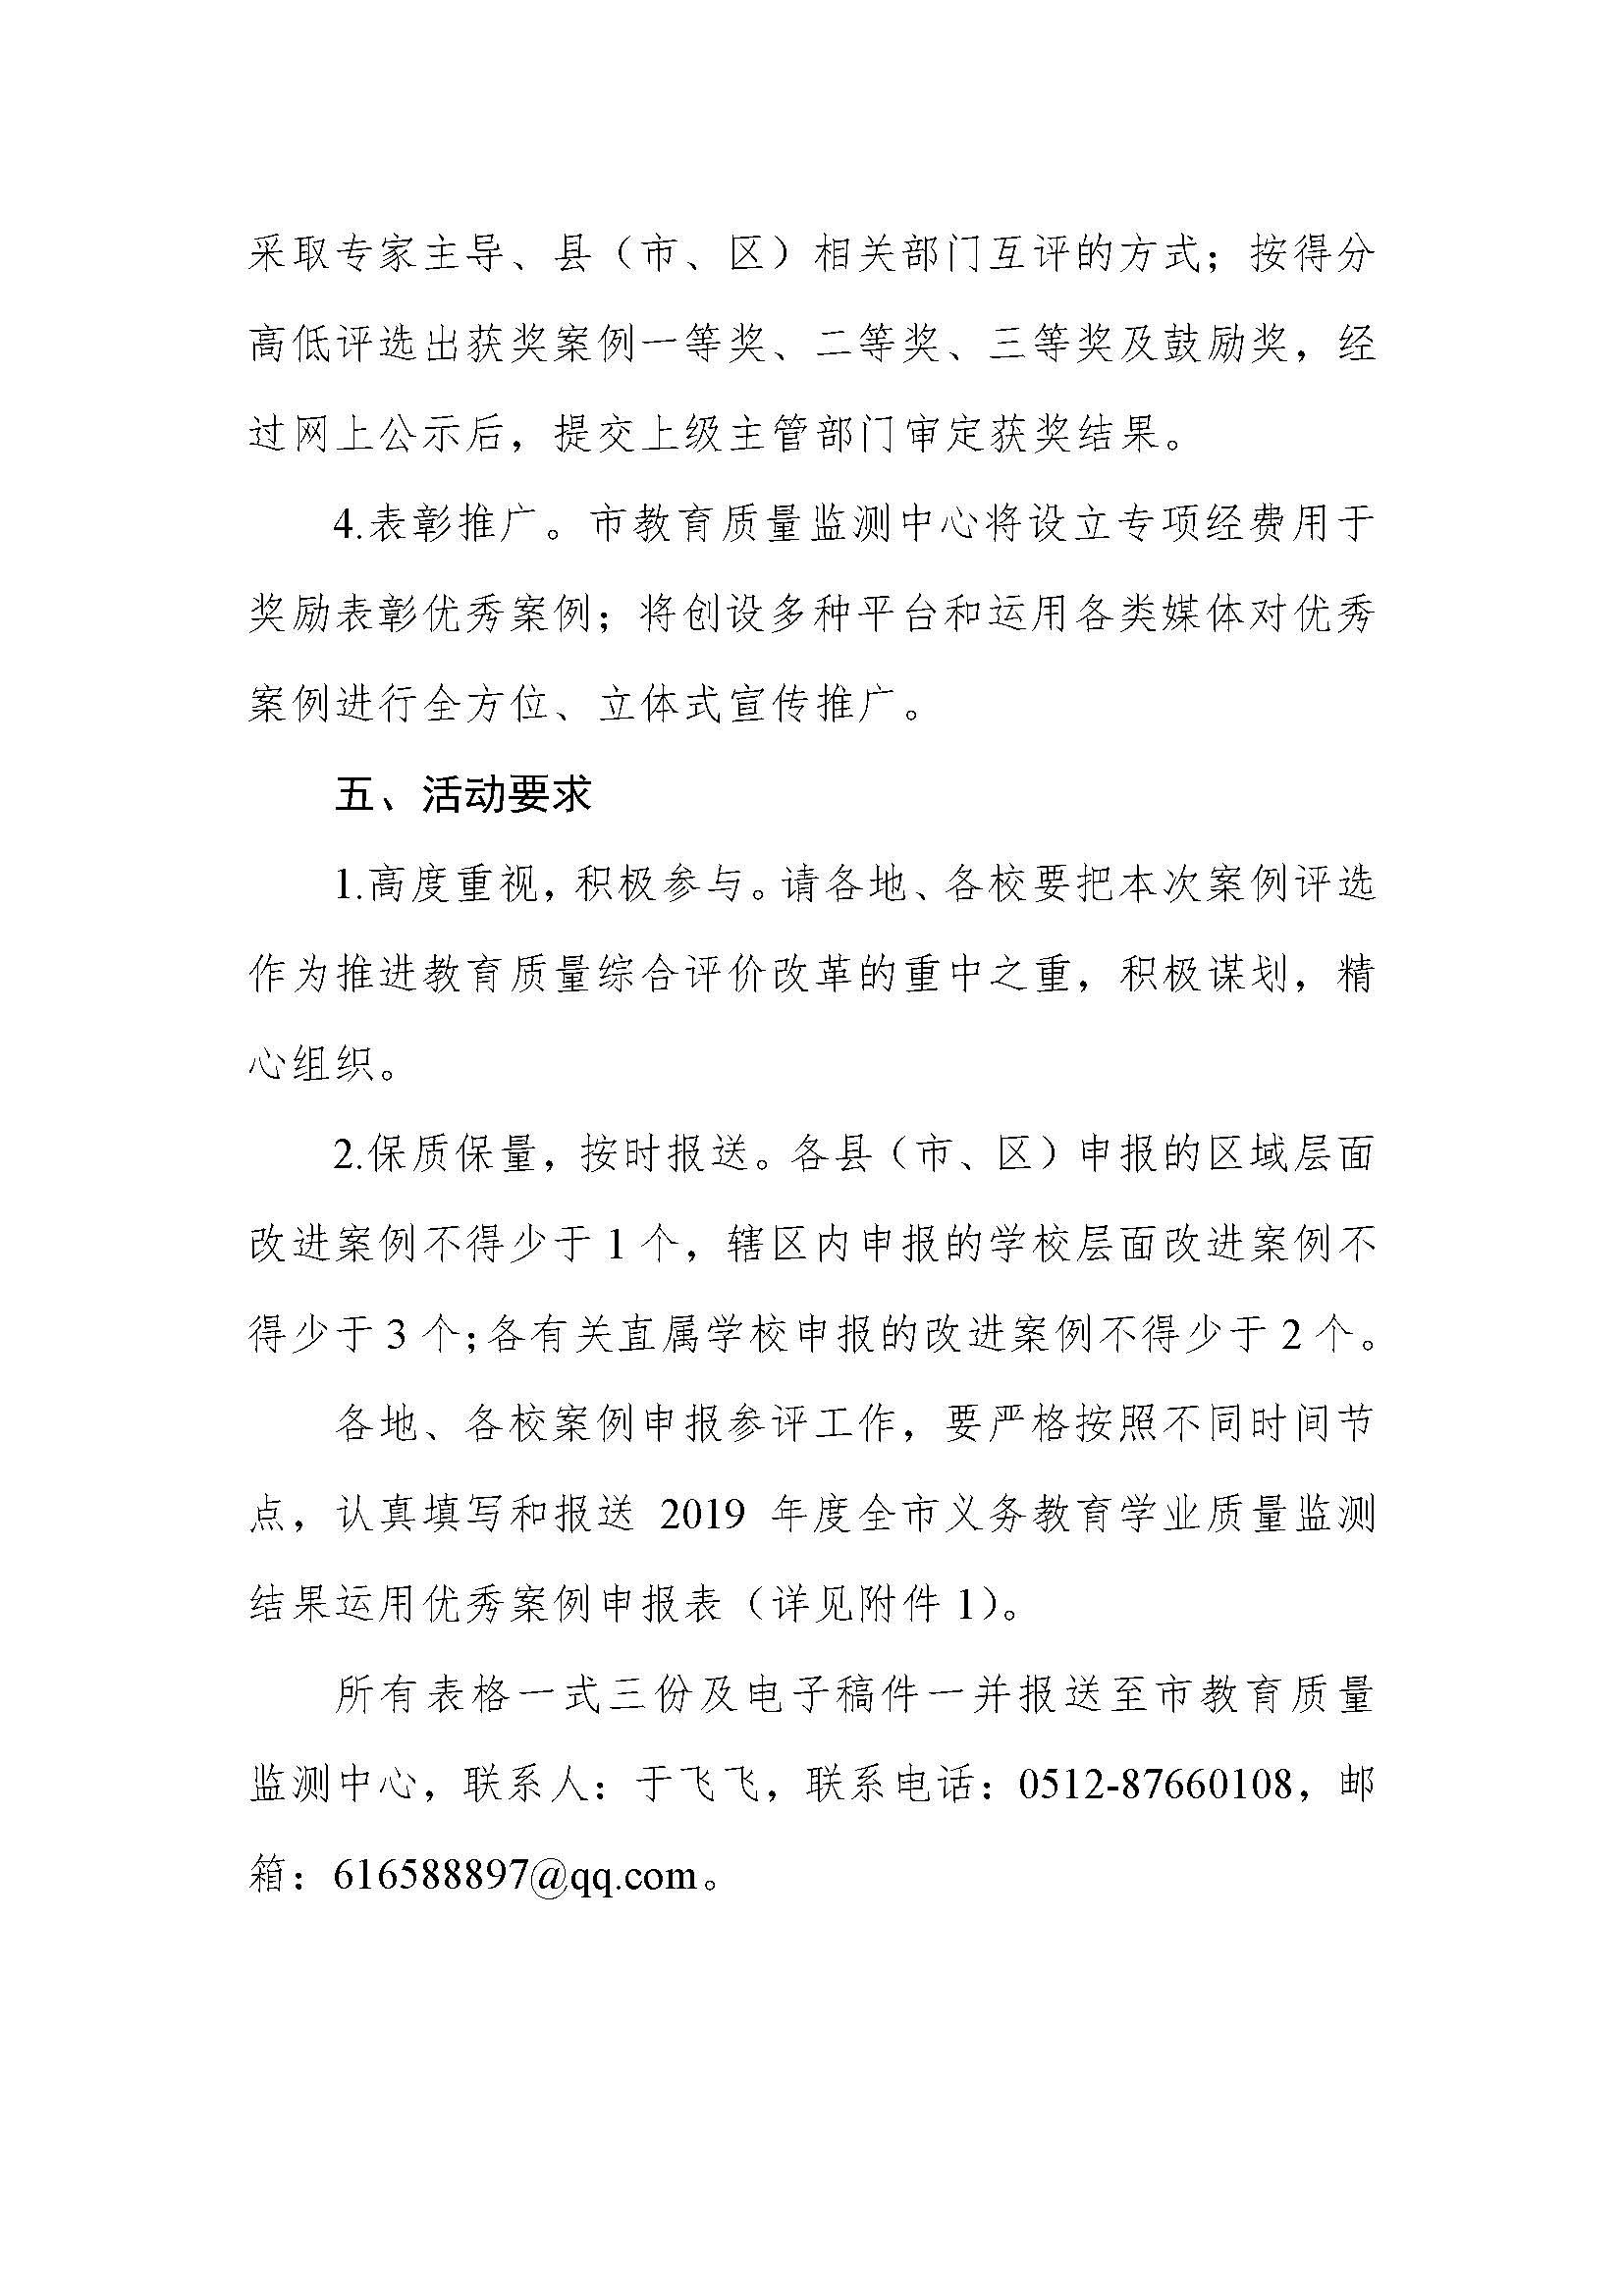 苏教质监-2019-3号-申报监测案例通知_页面_3